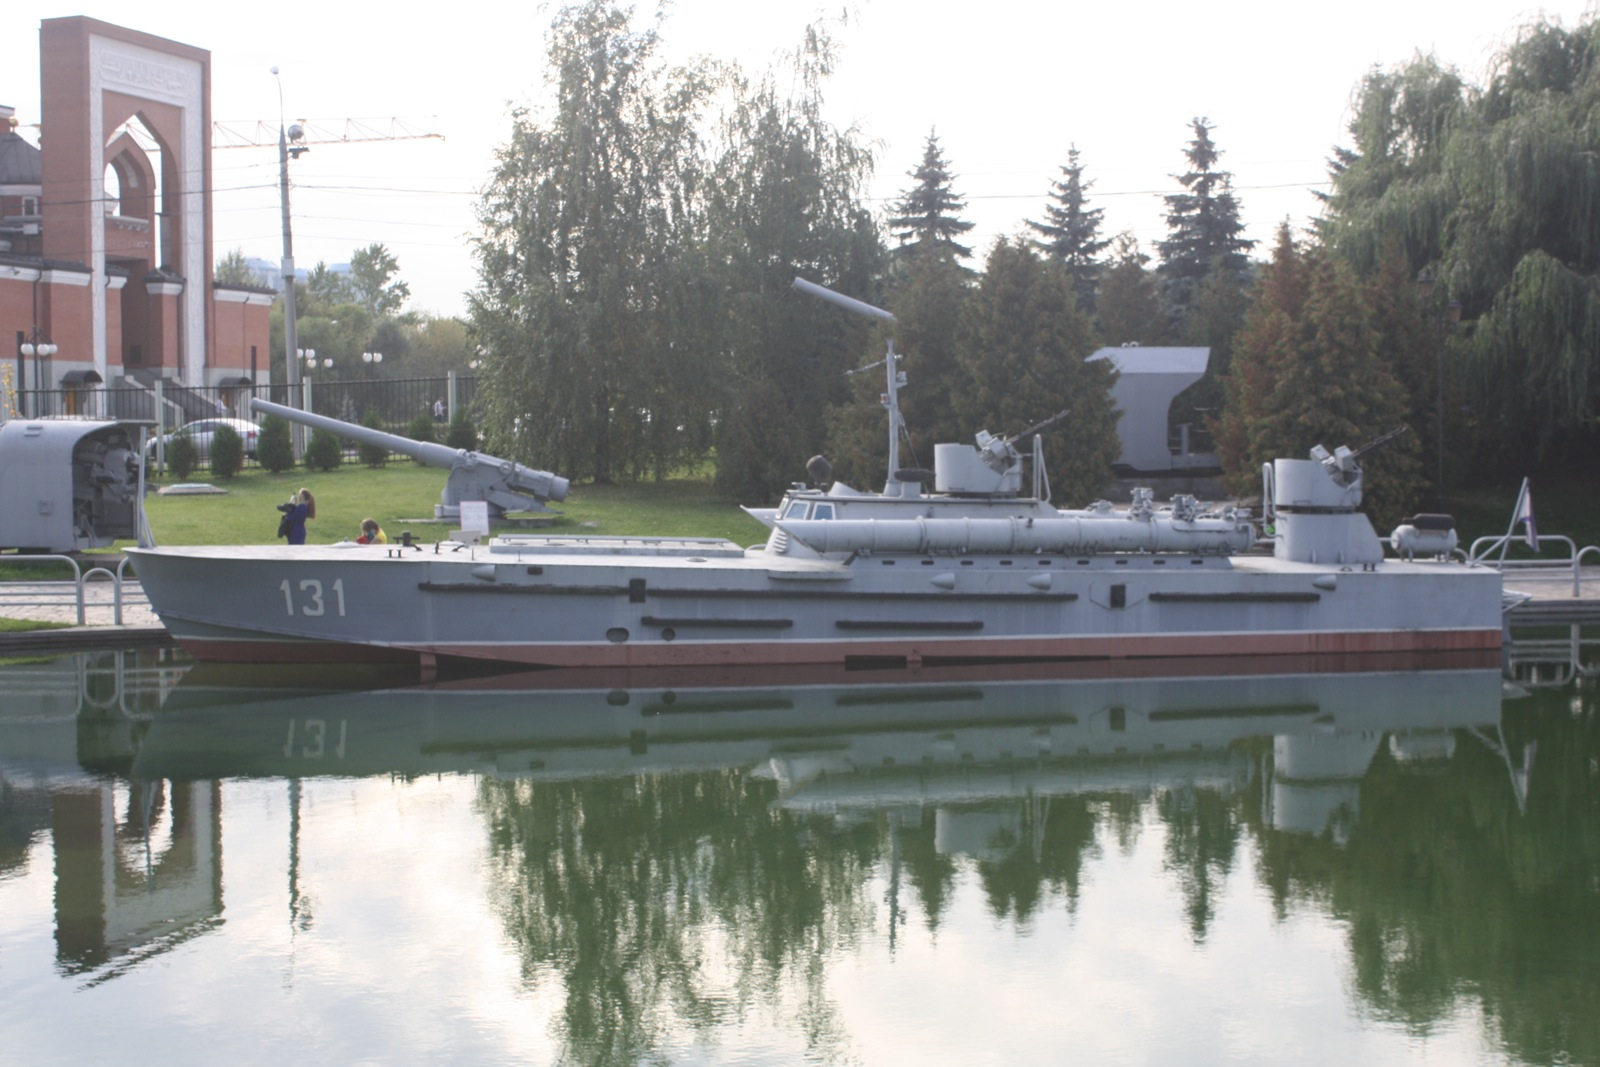 Pomorski izlošci izloženi su na umjetnom jezeru muzeja, pa posjetioci mogu vidjeti i razarač i podmornicu.